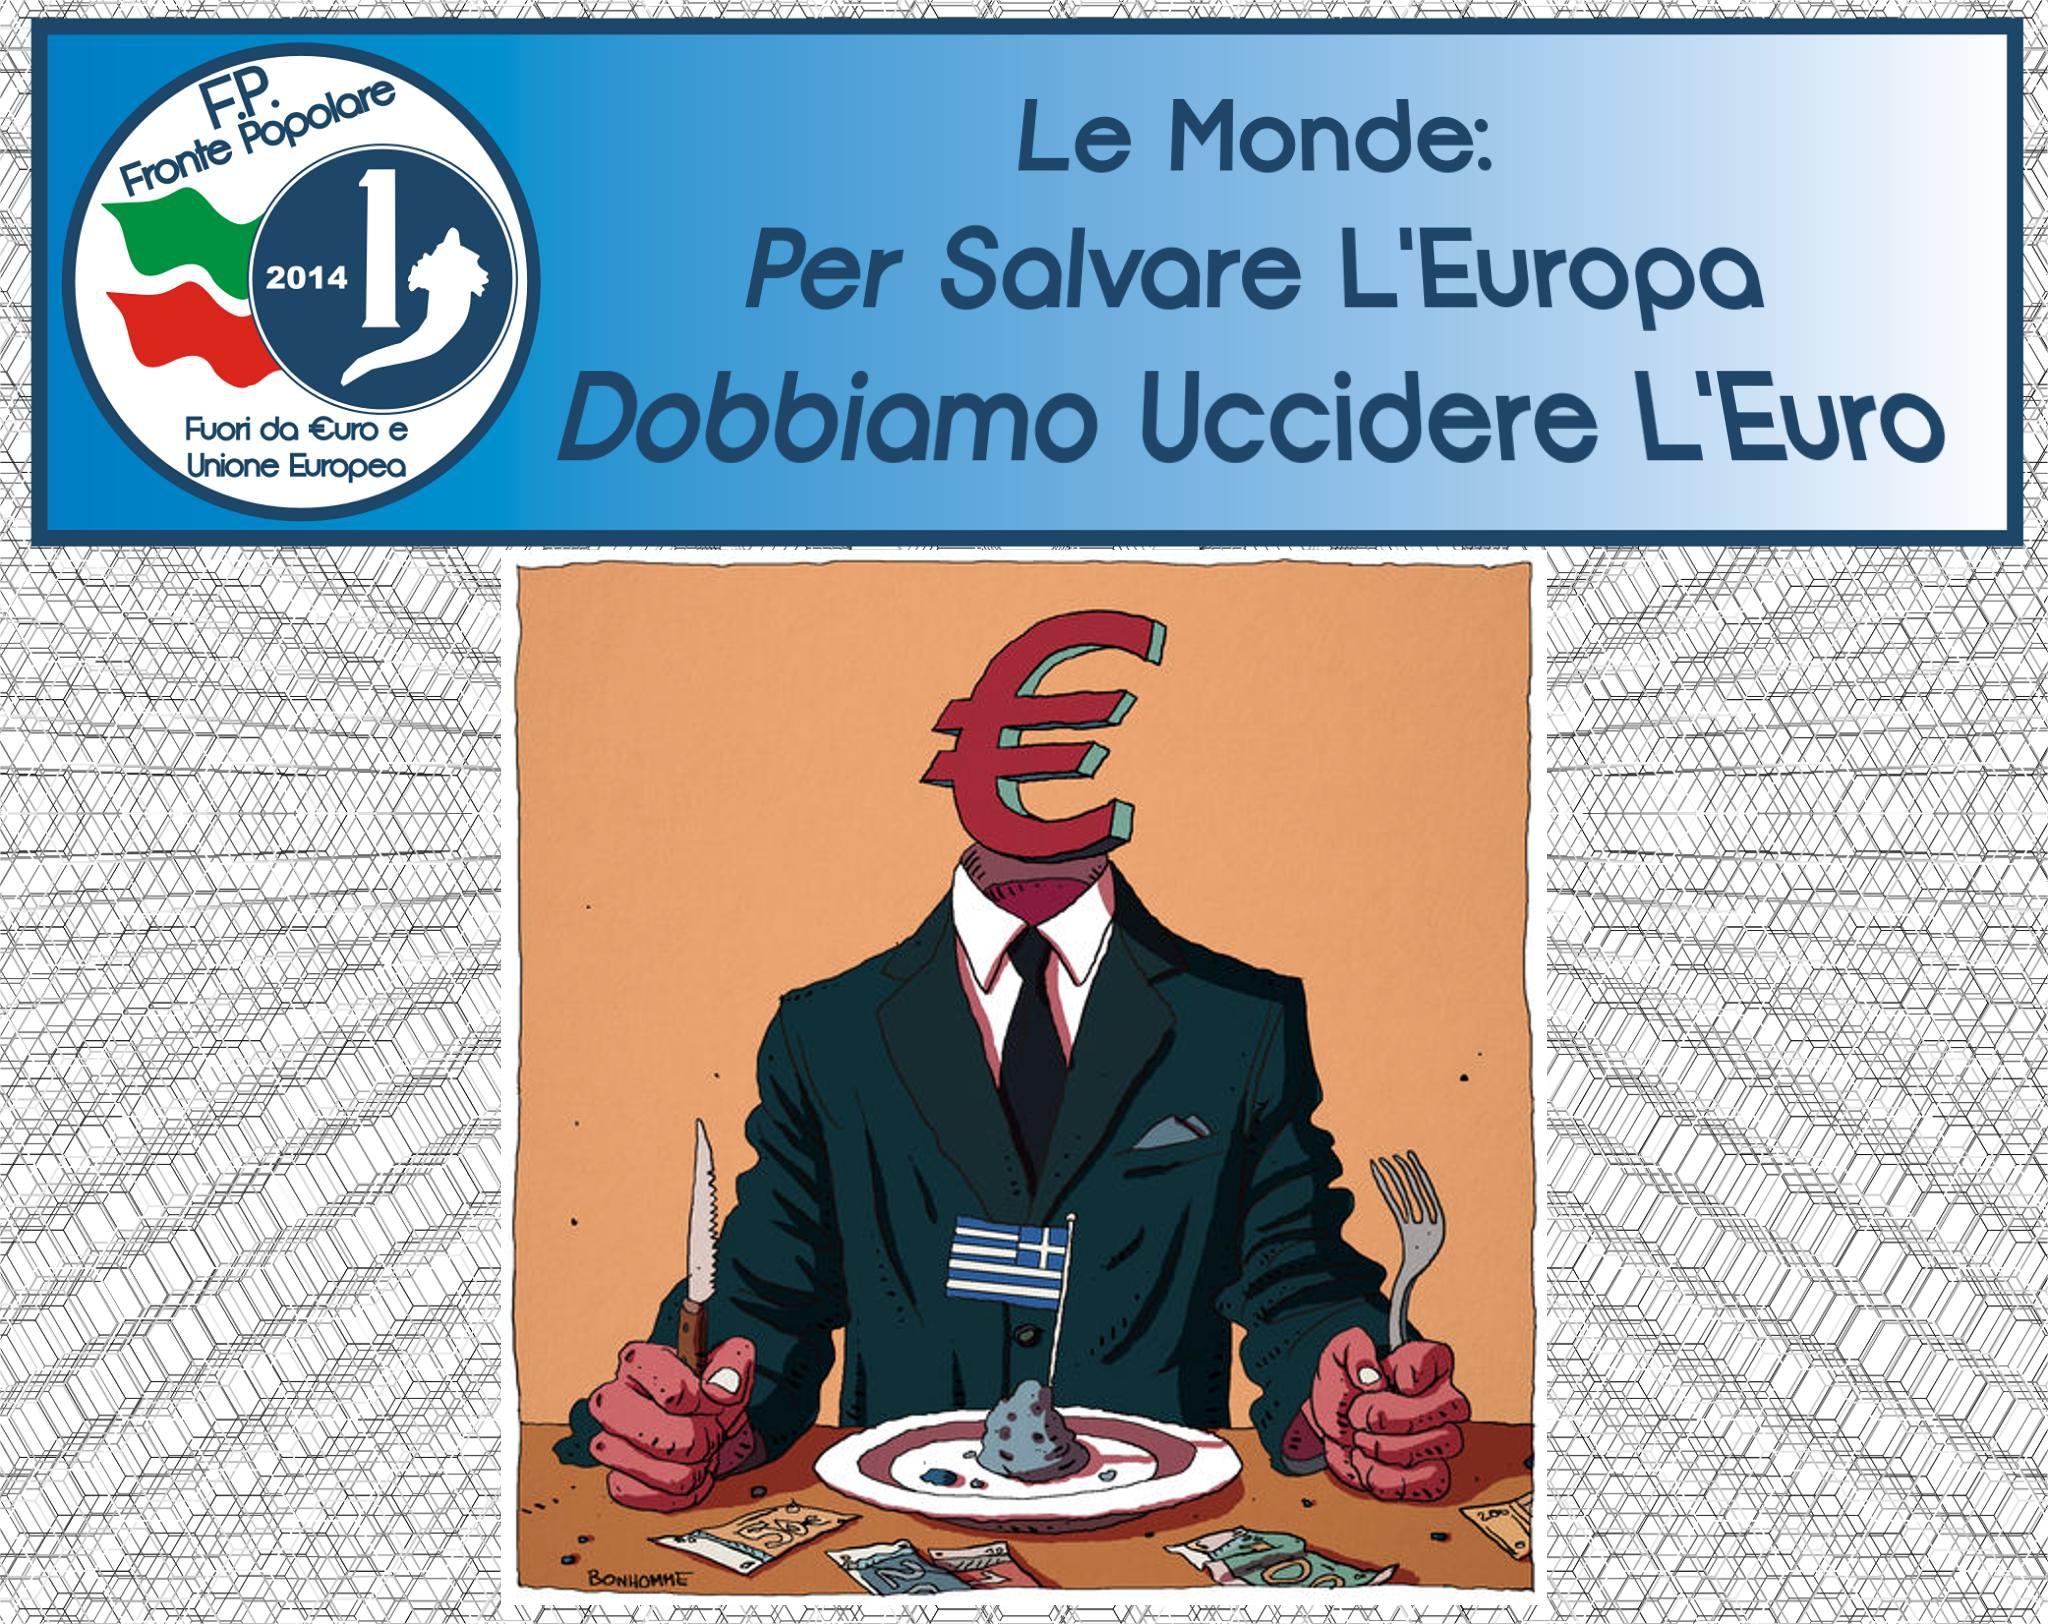 per salvare l'europa_fronte popolare